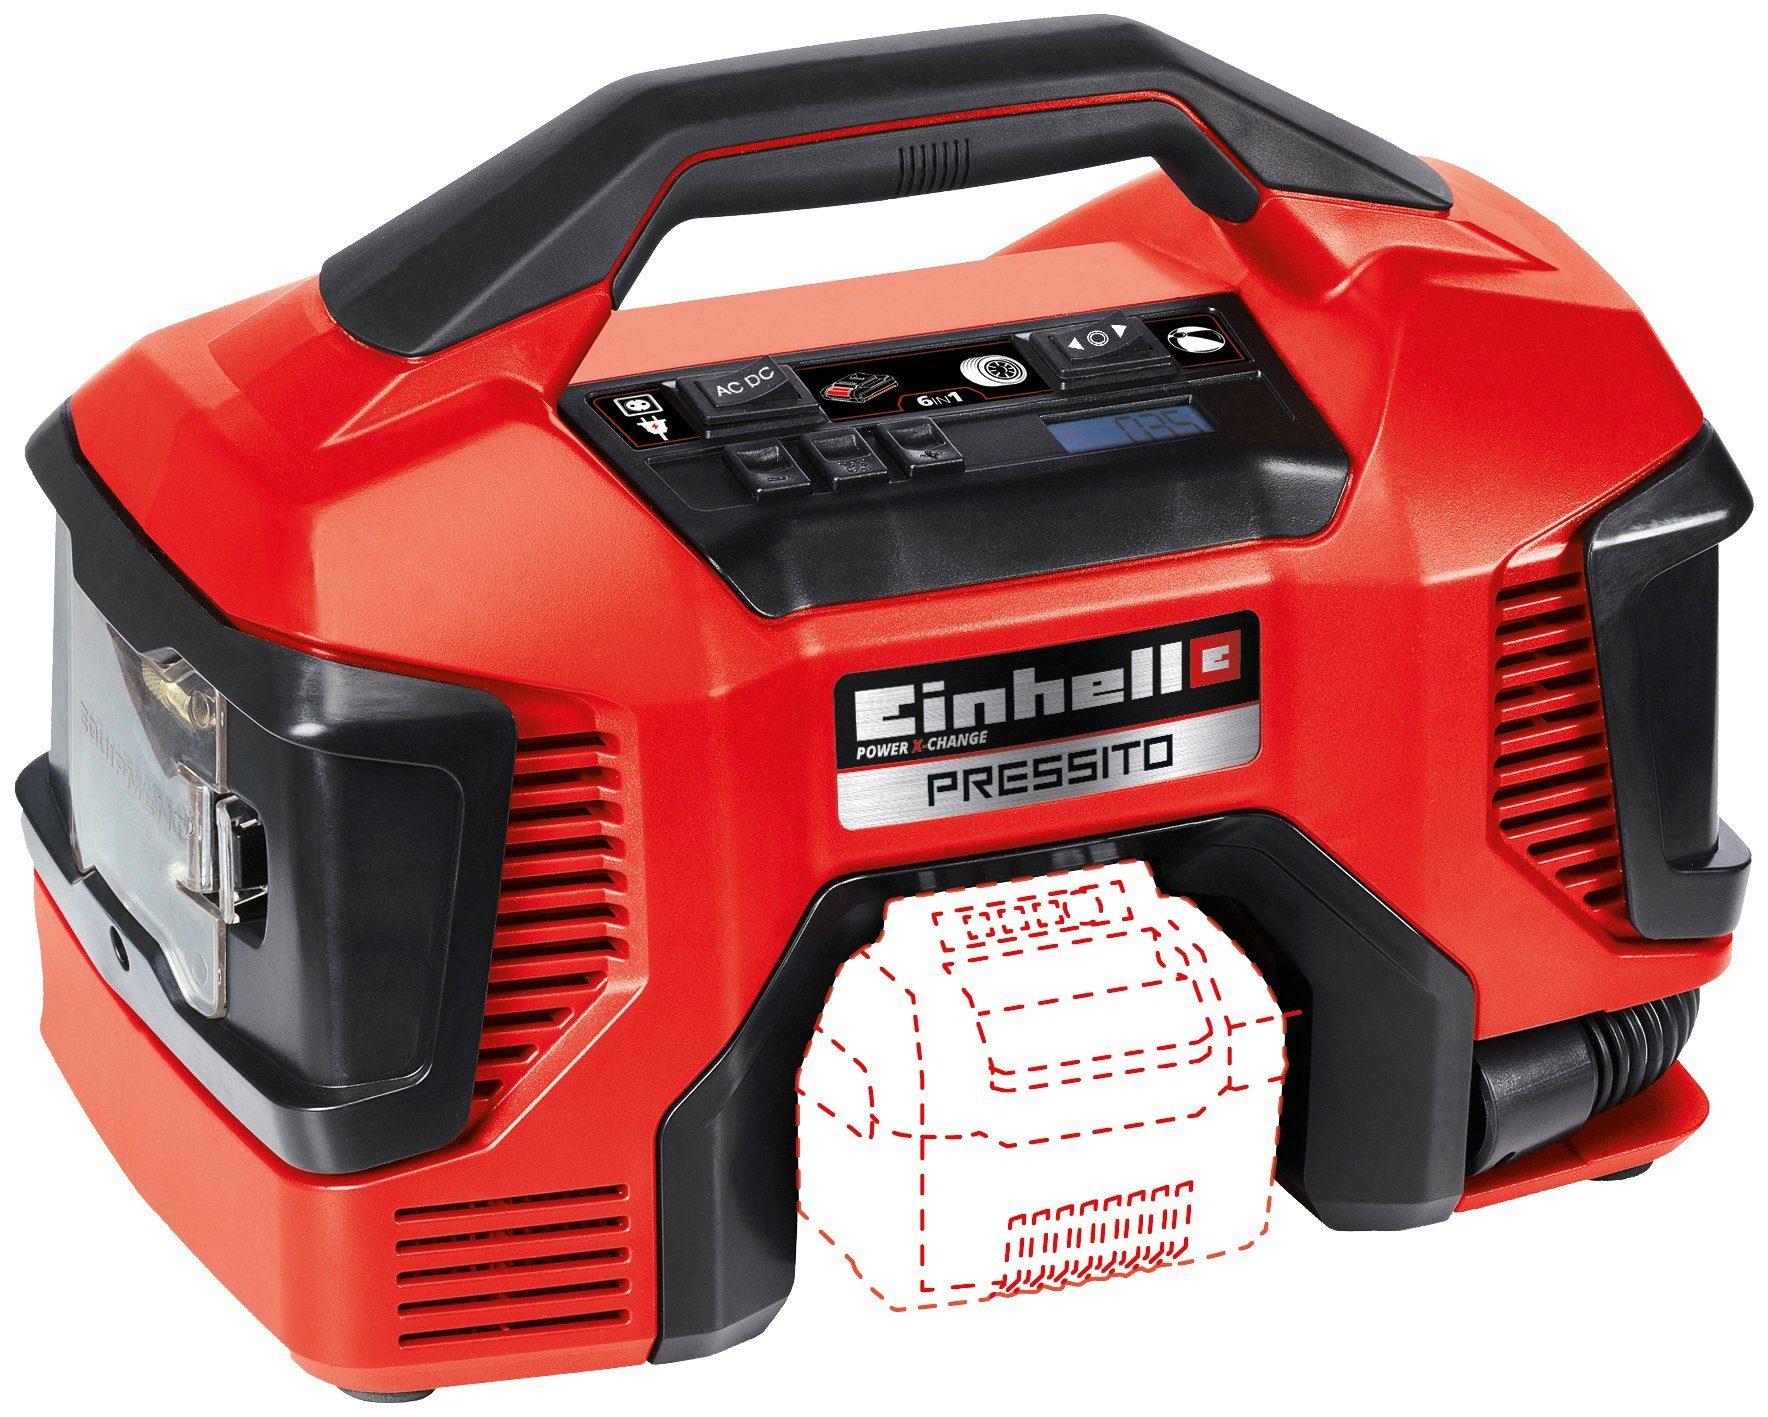 EINHELL Kompressor »Pressito - Solo«